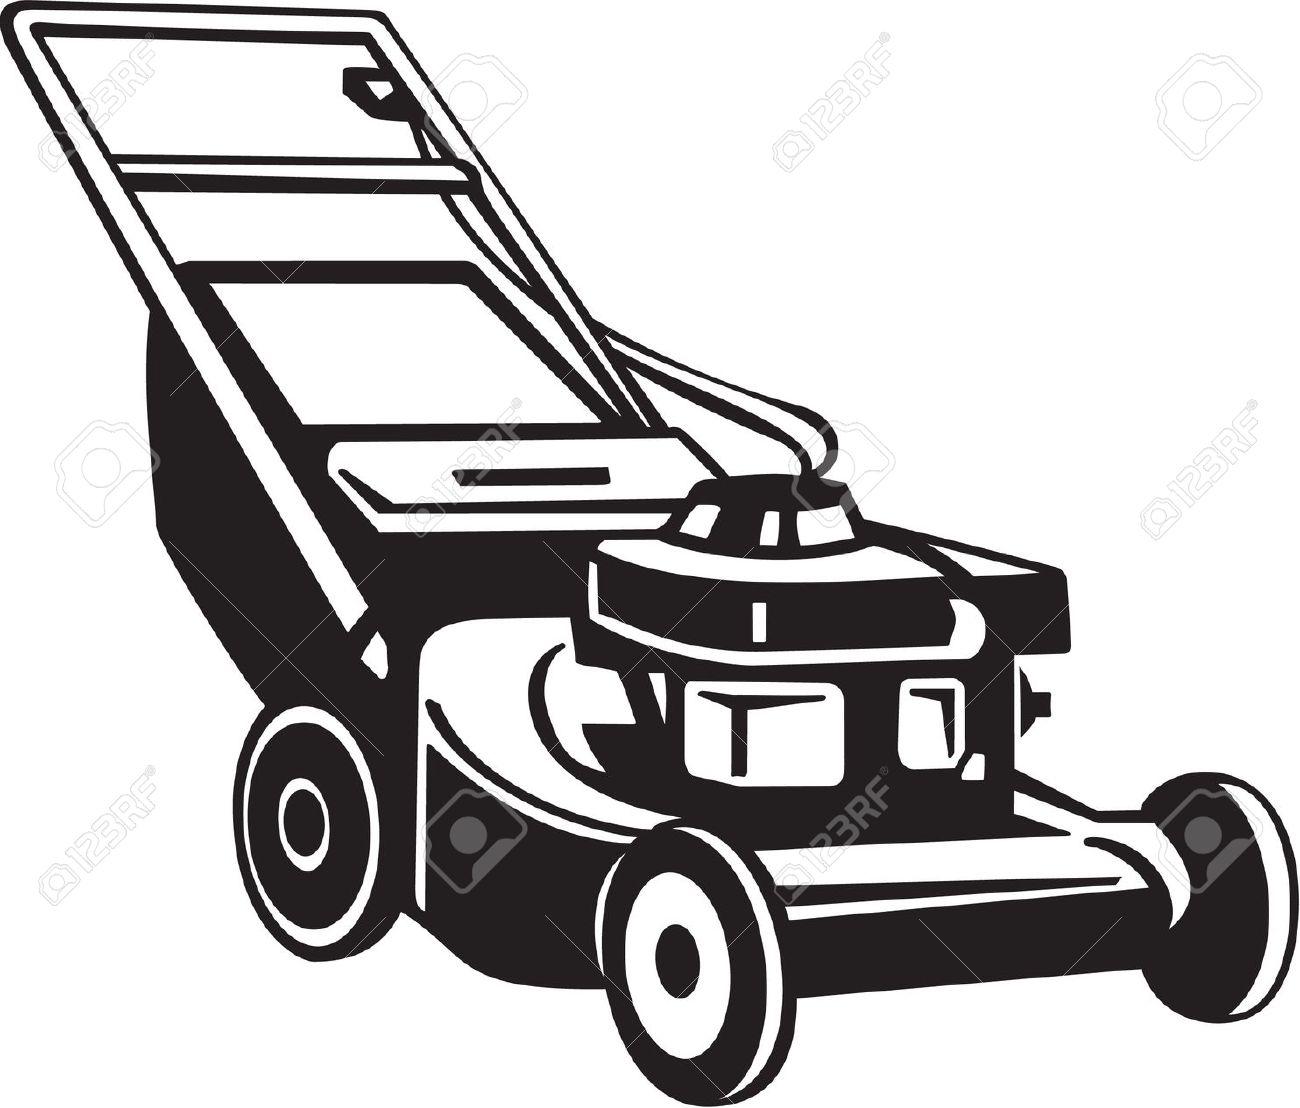 lawn mower: Power Lawnmower .